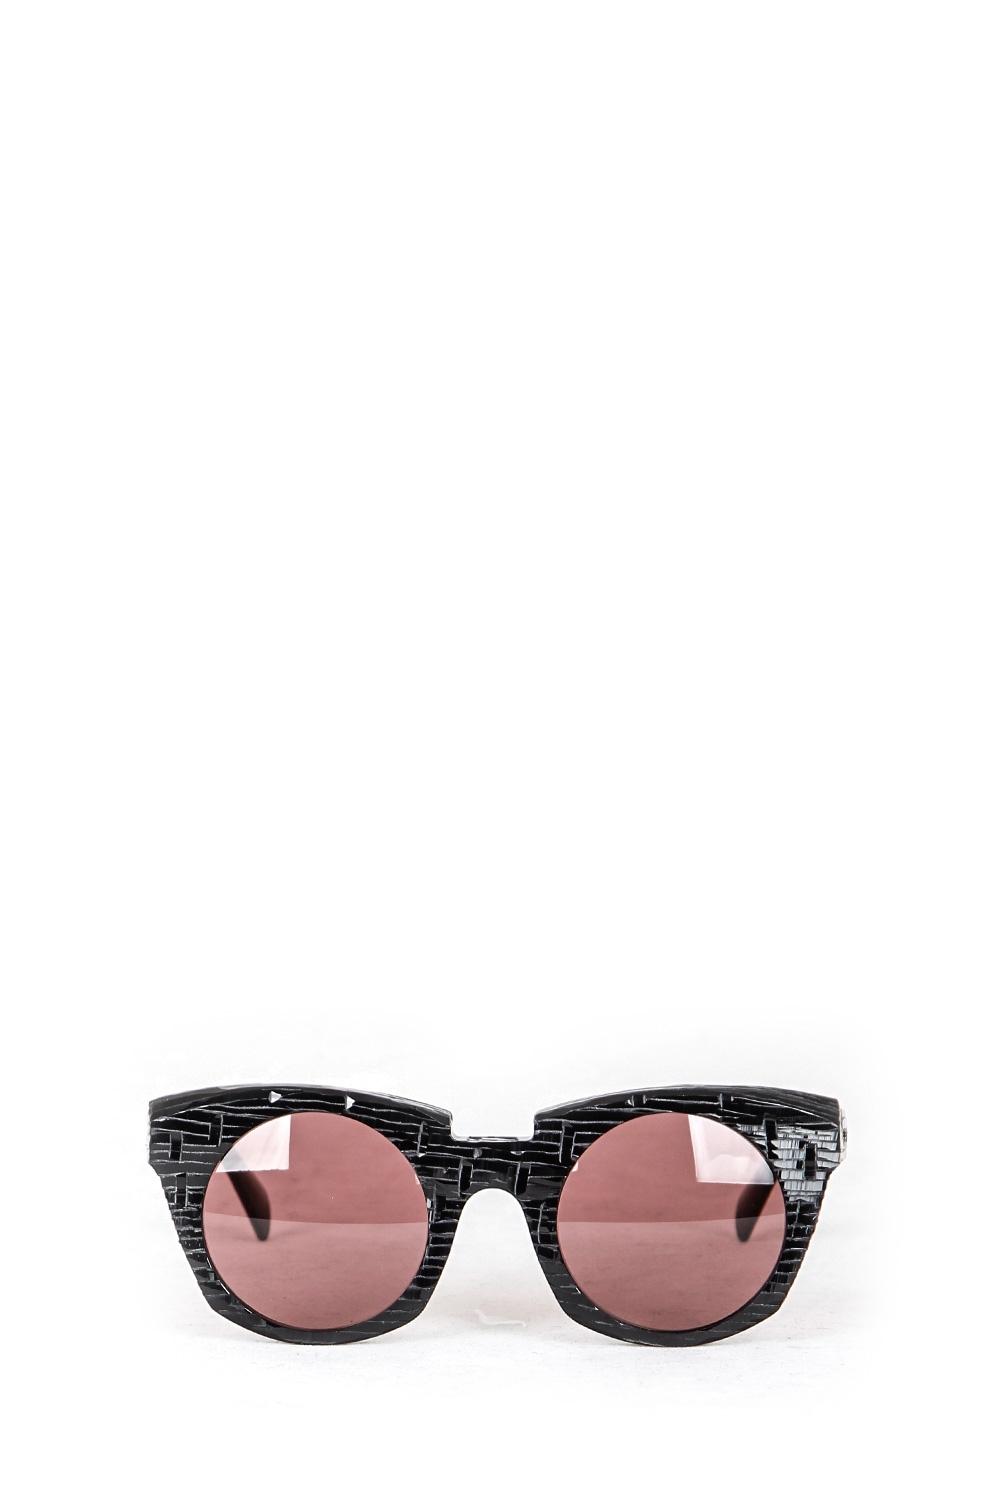 Sonnenbrillen - Kuboraum Sonnenbrille MASK U6 BS  - Onlineshop Luxury Loft